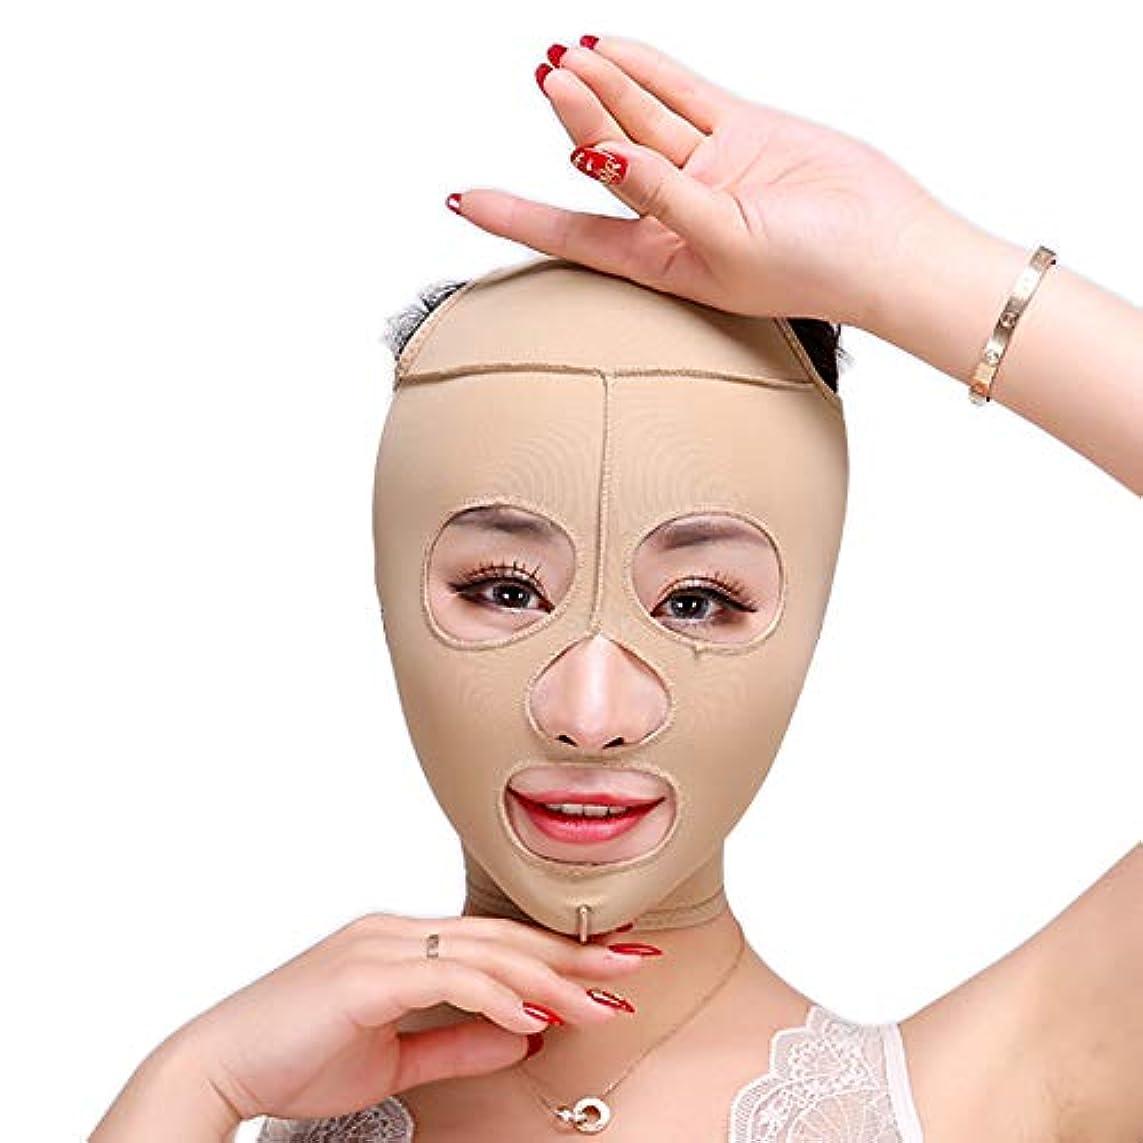 けん引実現可能性失顔を細くするためのフェイスリフトフルマスク、抗シワグルーミングレジューサスキン引き締めフェイシャルケアフェイスベルト,L